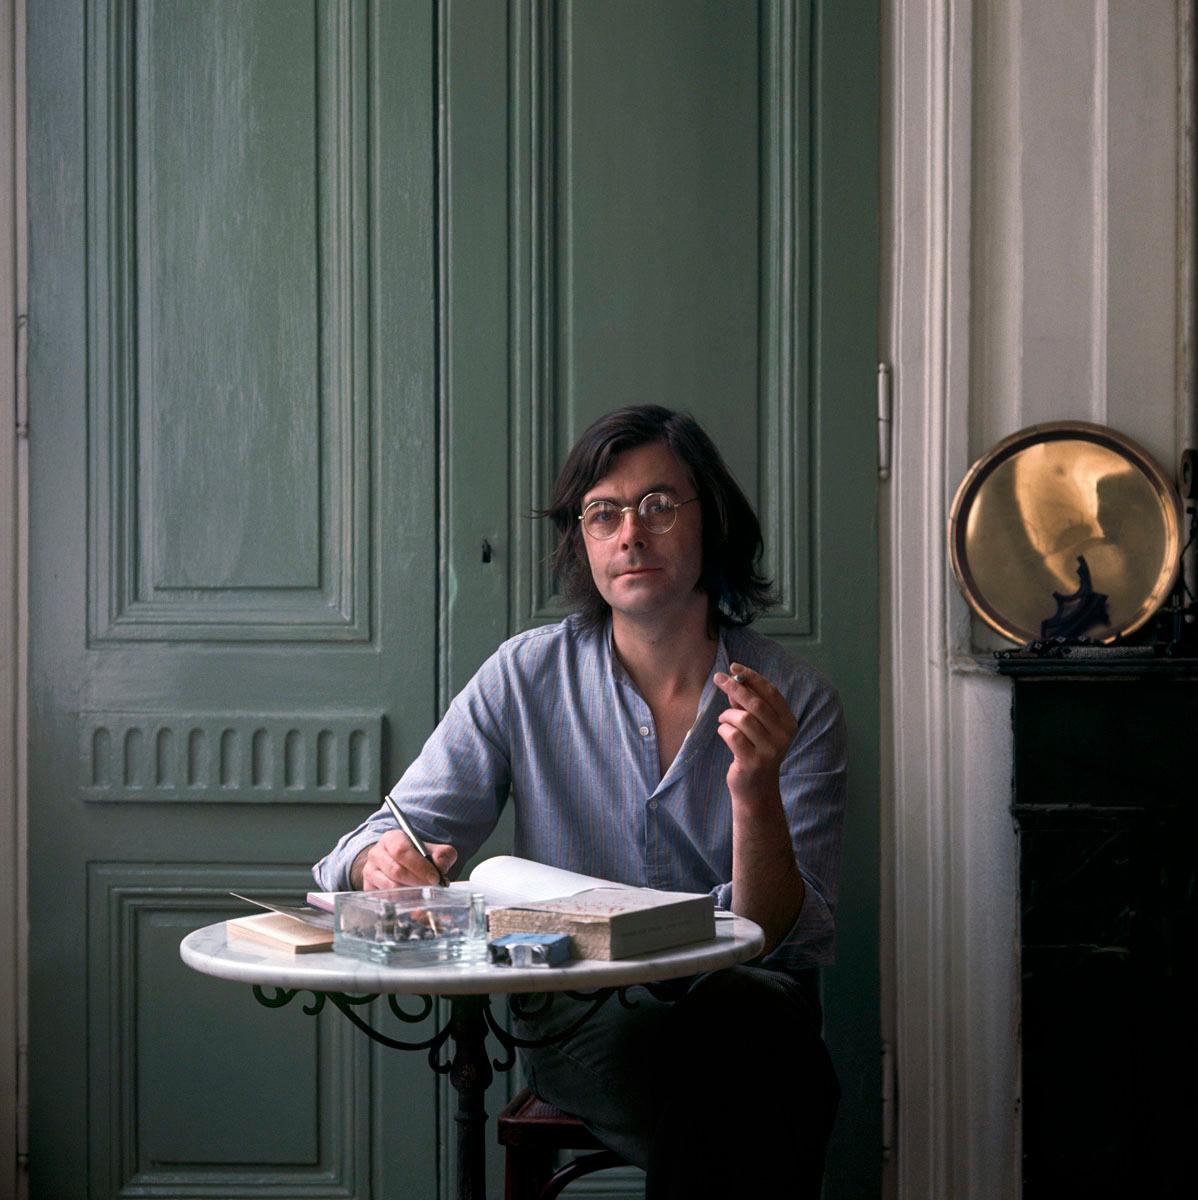 La photographie montre un homme assis à un guéridon, un stylo à la main.